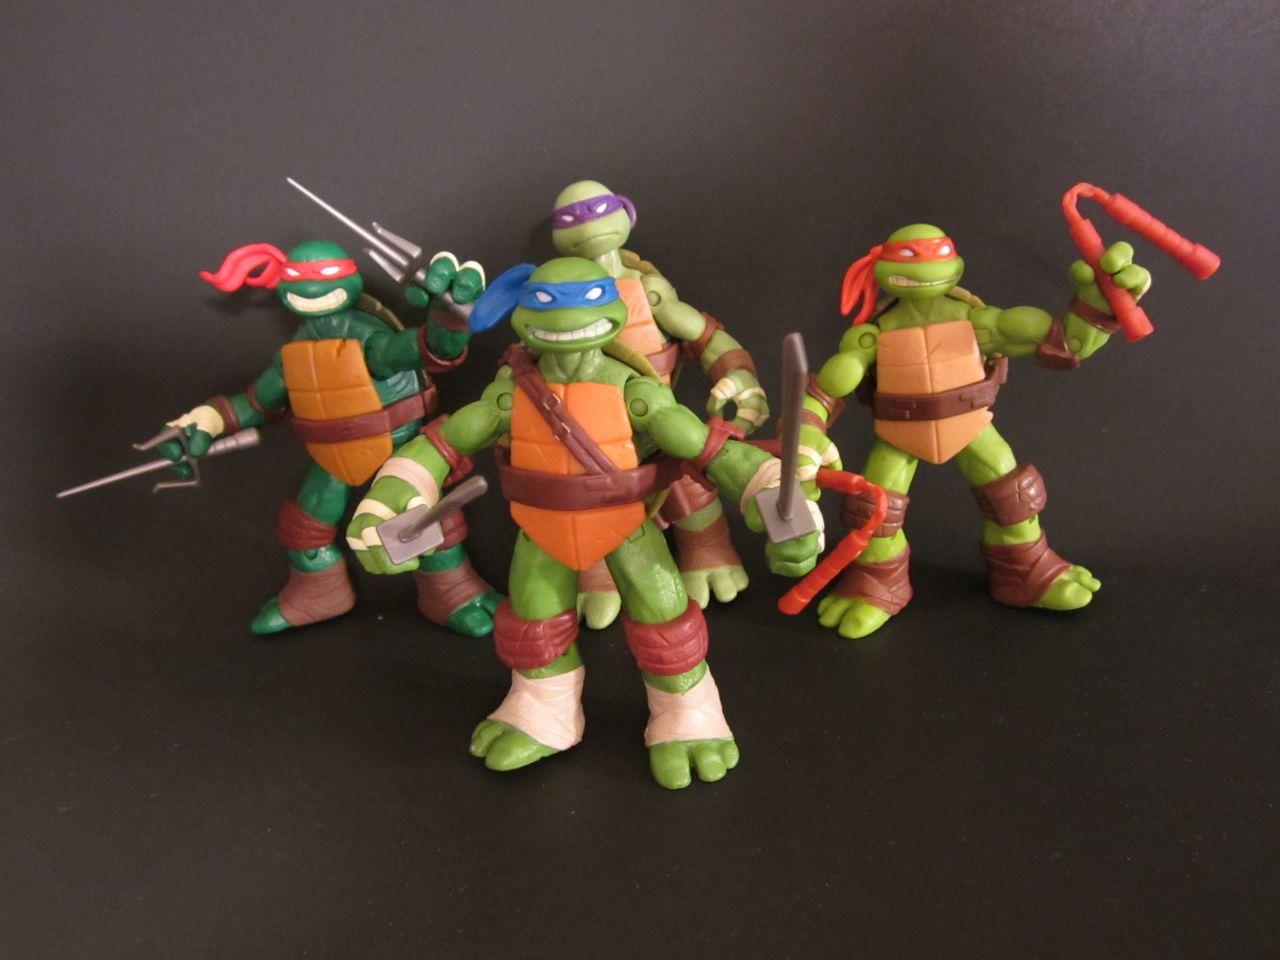 Nickelodeon Teenage Mutant Ninja Turtles figures | A Nerd ...Nickelodeon Ninja Turtles Toys